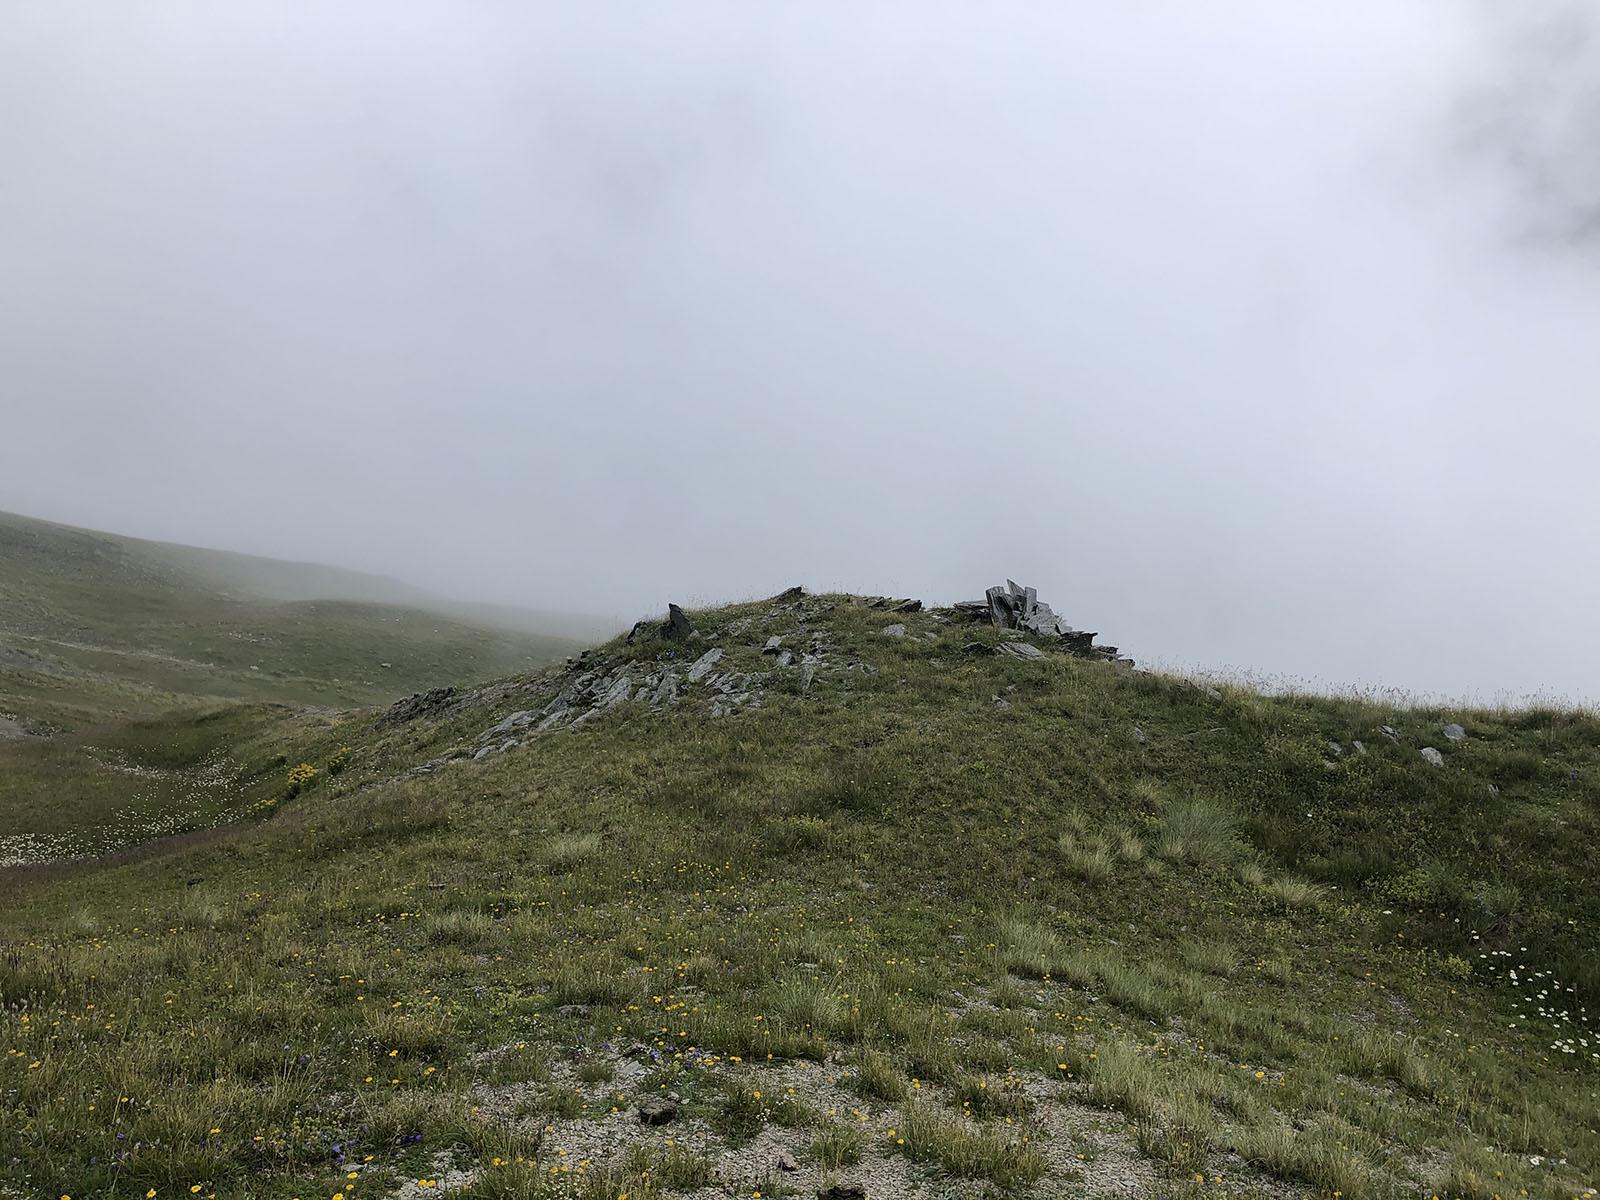 холмы долины Дзамарашдон